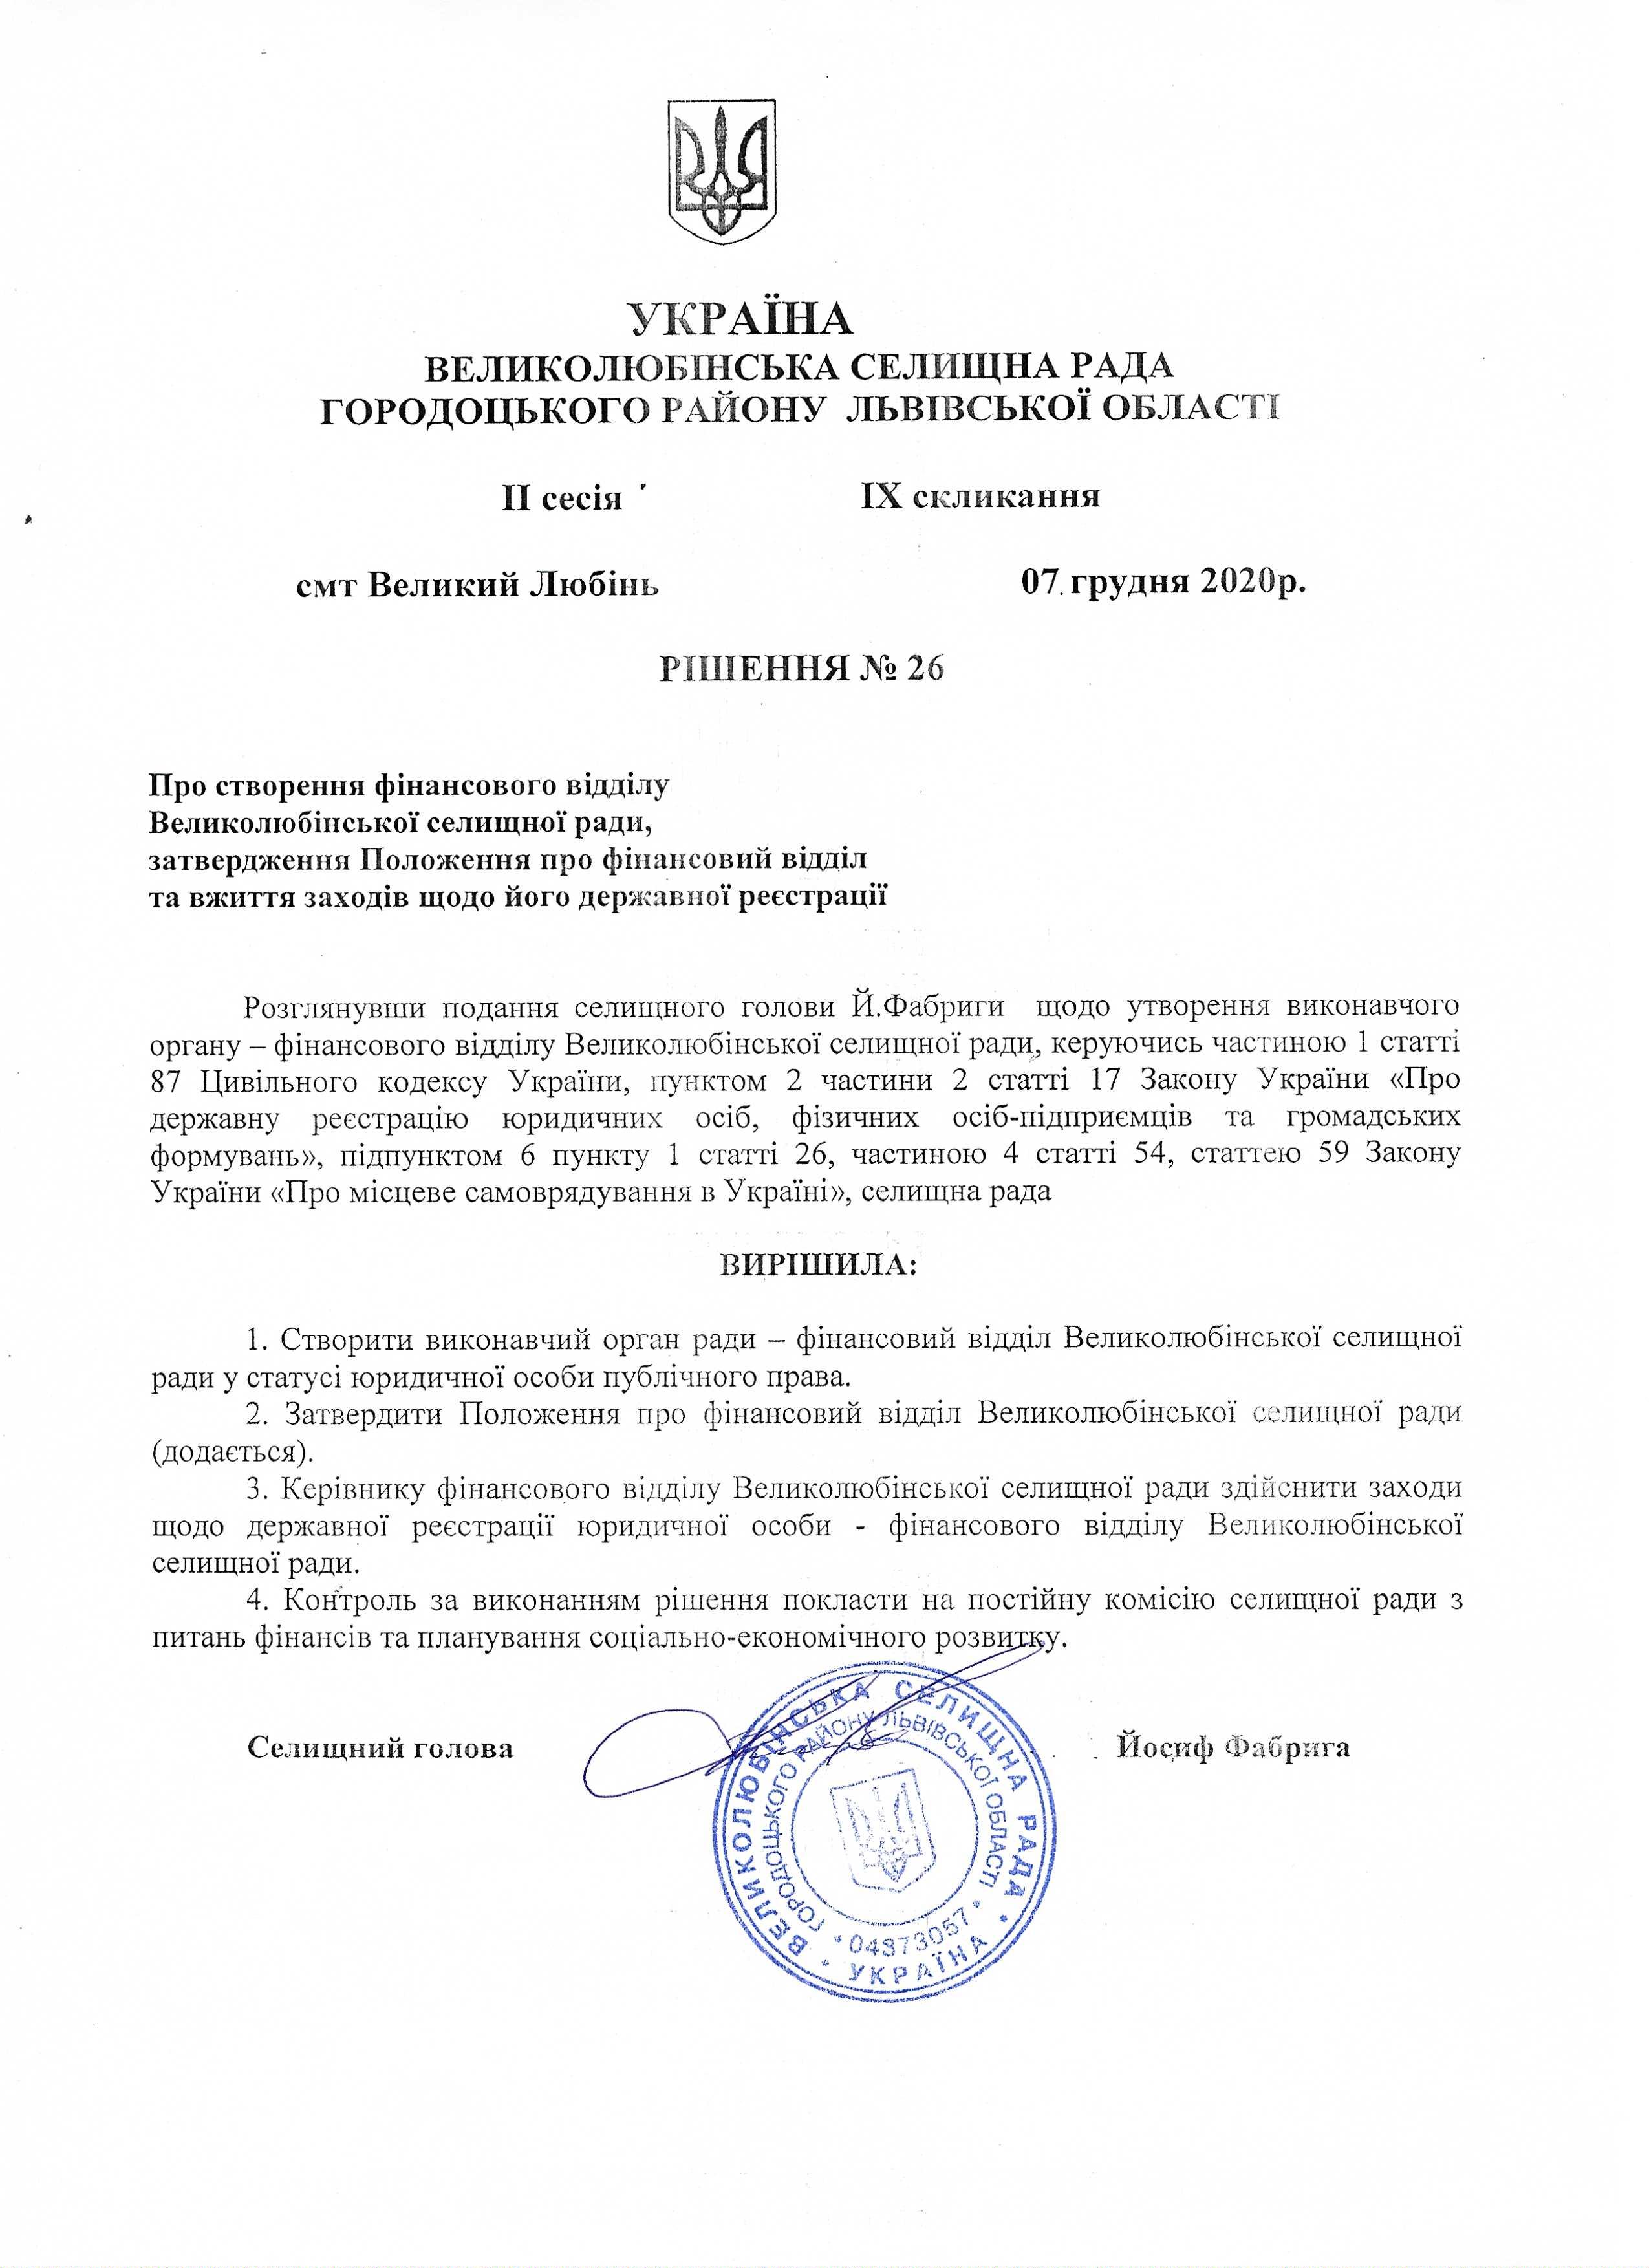 Про створення фінансового відділу Великолюбінської селищної ради, затвердження Положення про фінансовий  відділ та вжиття заходів щодо його державної реєстрації